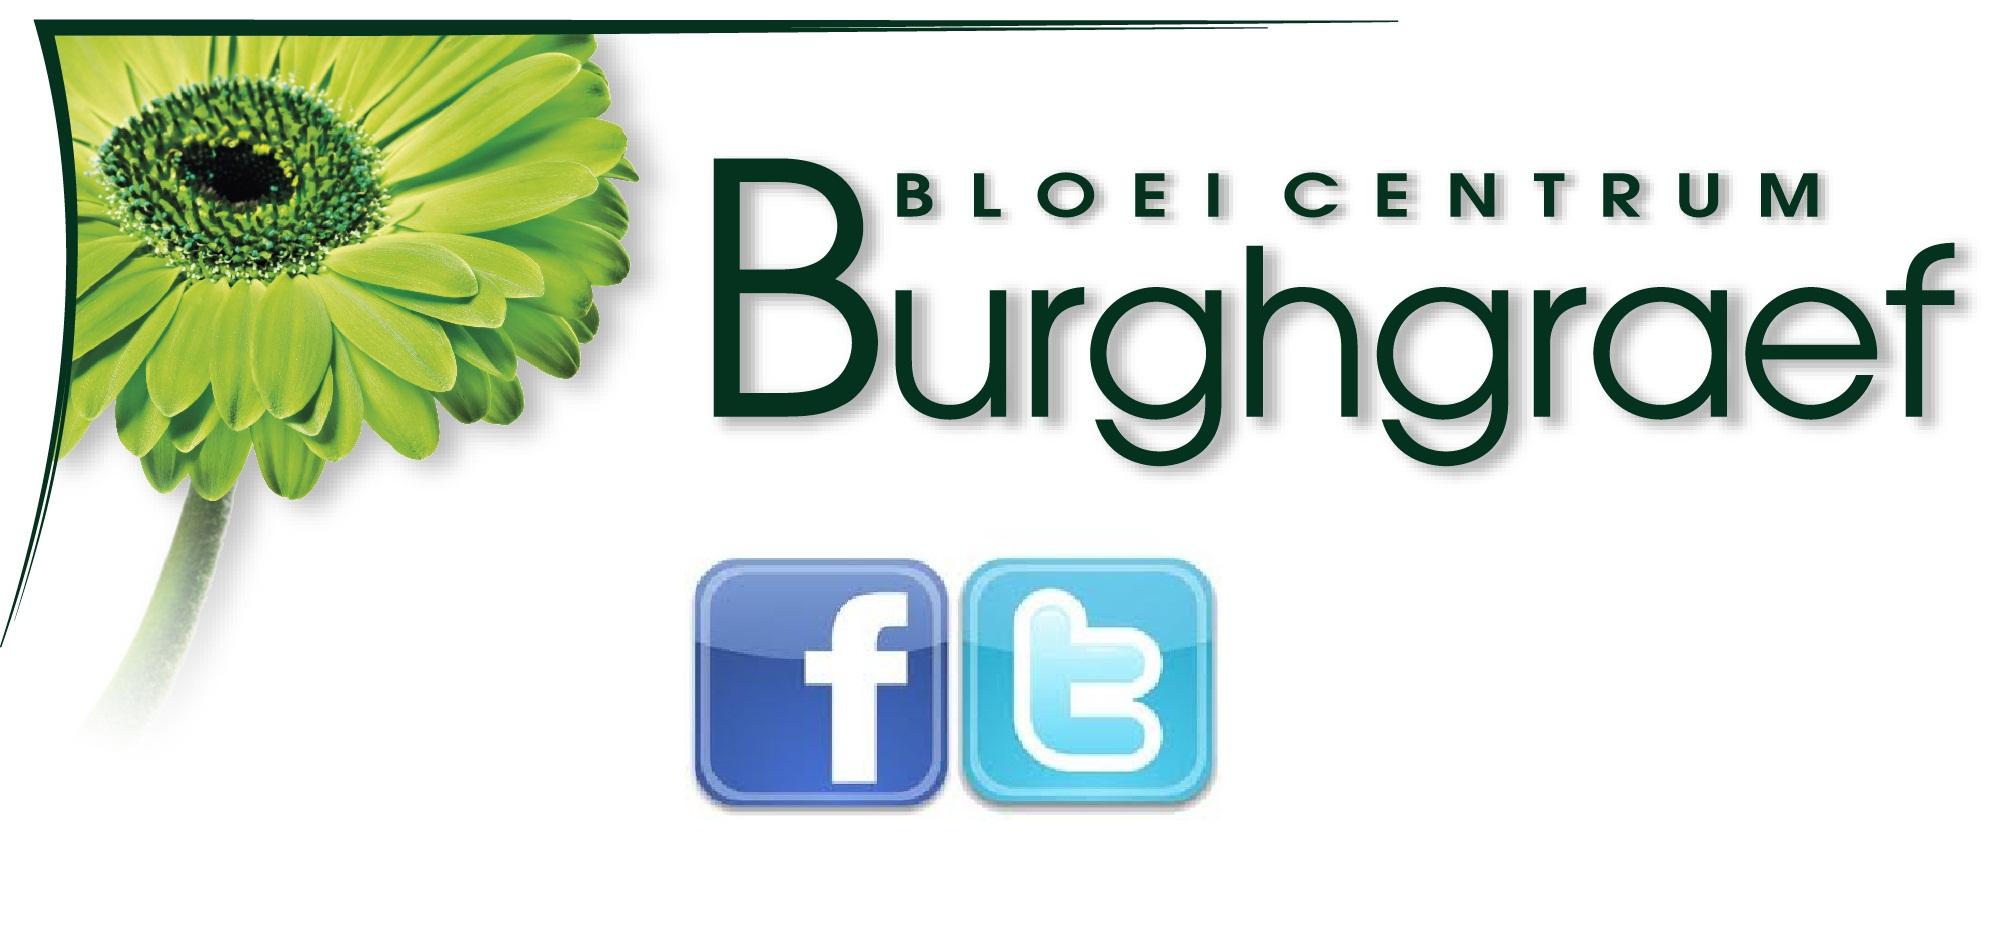 Burghgraef Bloeicentrum